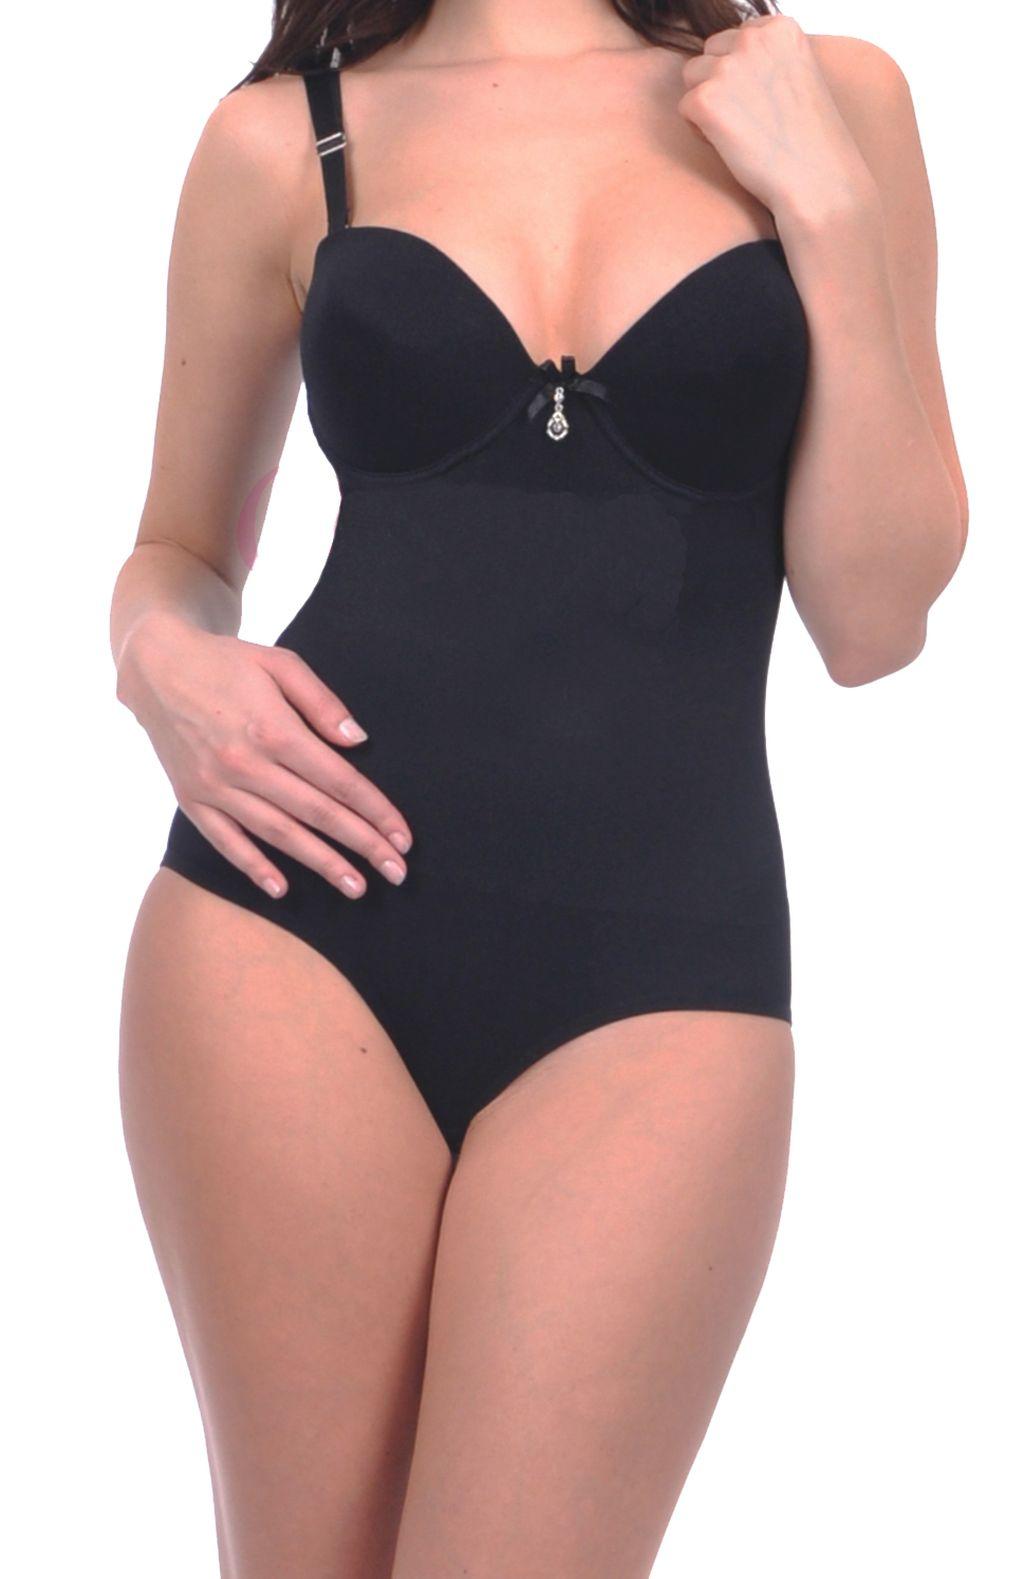 Mieder Body Shapewear Bodysuit mit Push up BH 0181 schwarz weiss haut S/M - L/XL